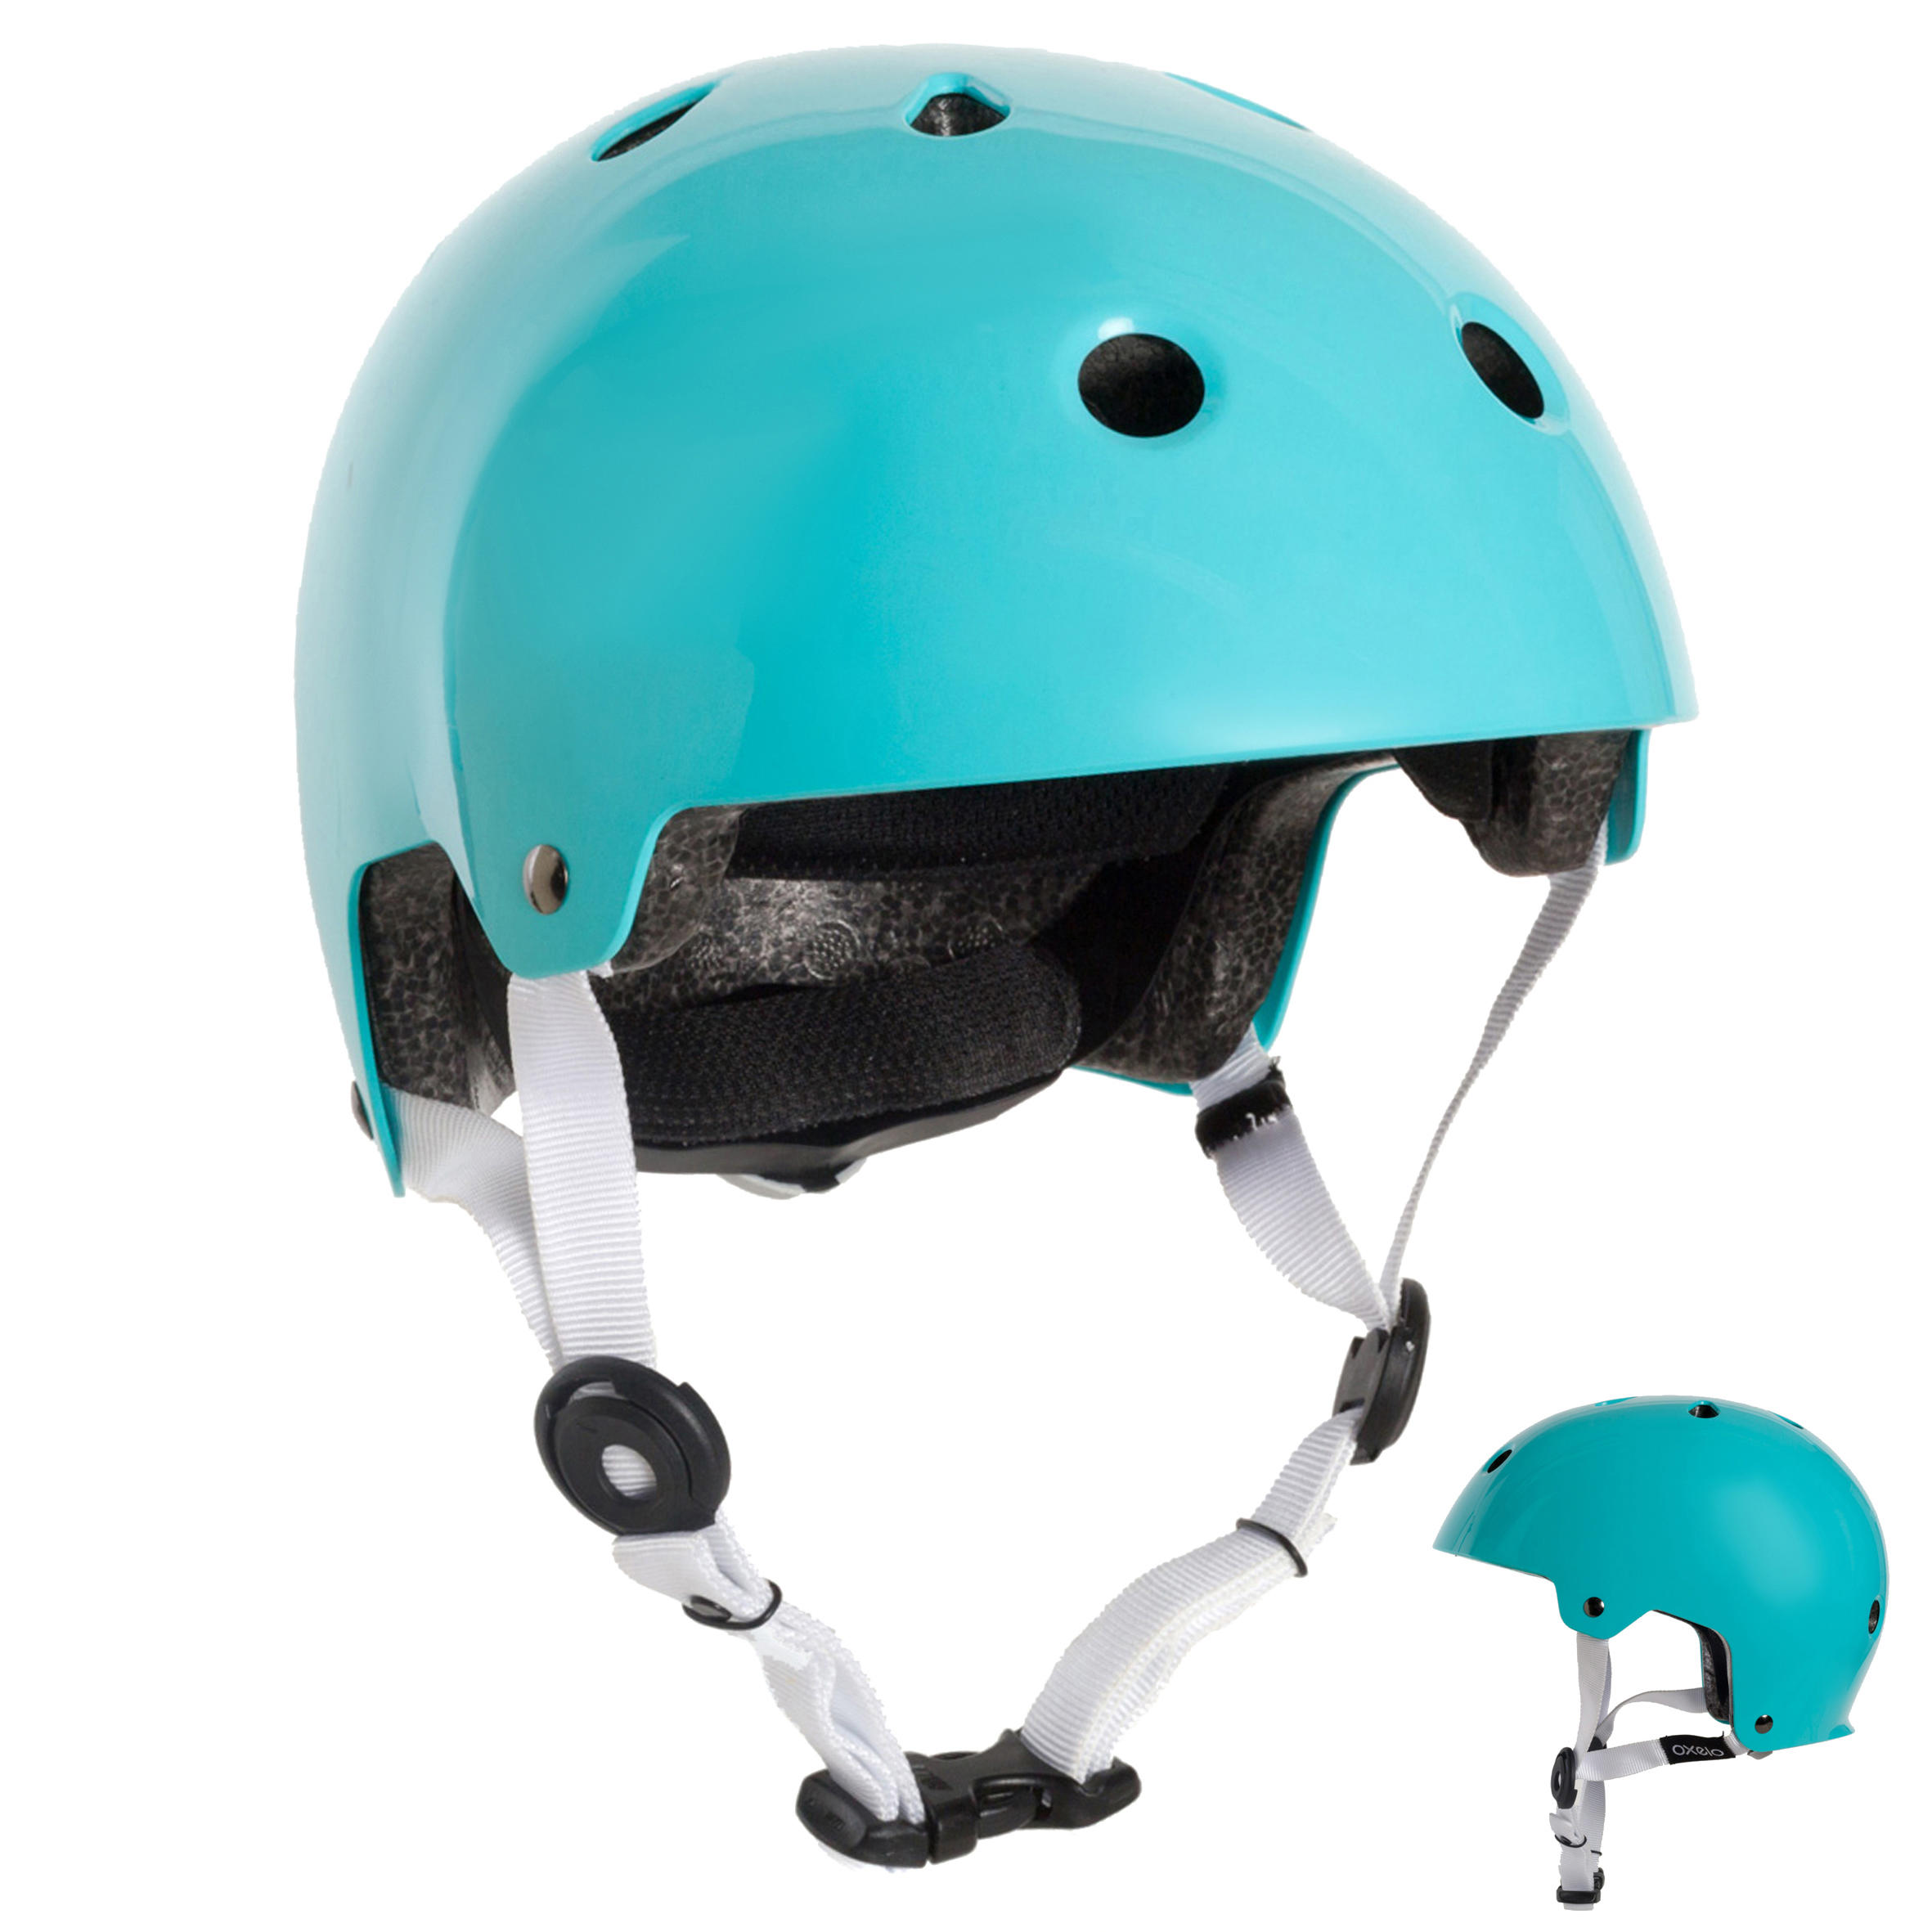 Casque patins roulettes, planche roulettes, trottinette, vélo PLAY 5 turquoise